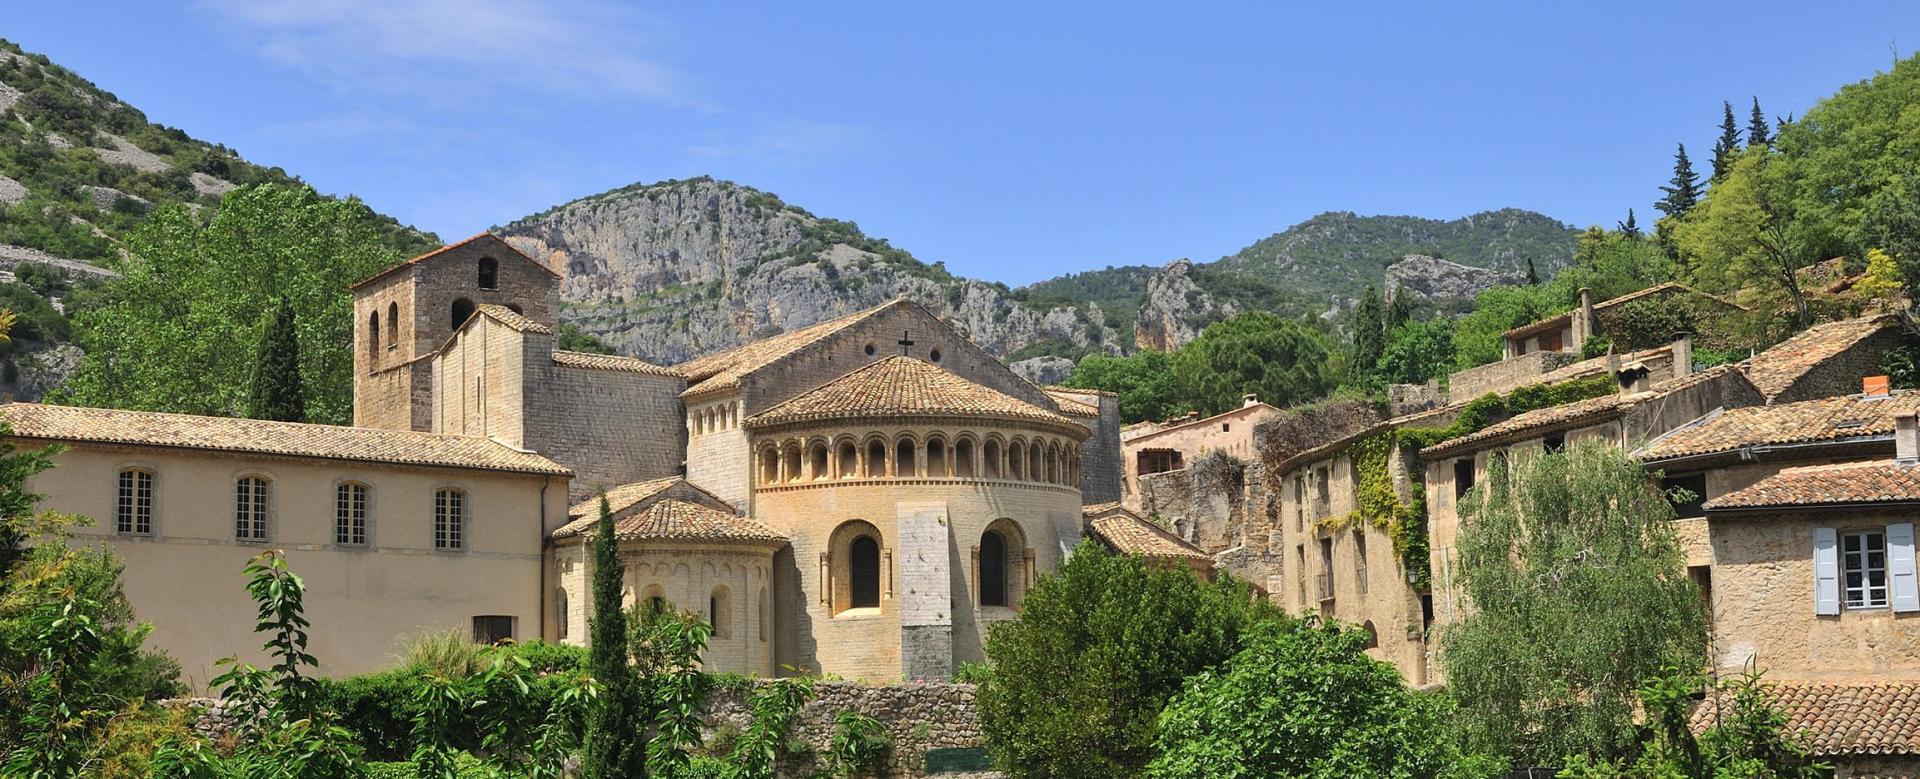 Voyage en véhicule : Massif Central : Languedoc et cévennes à vélo